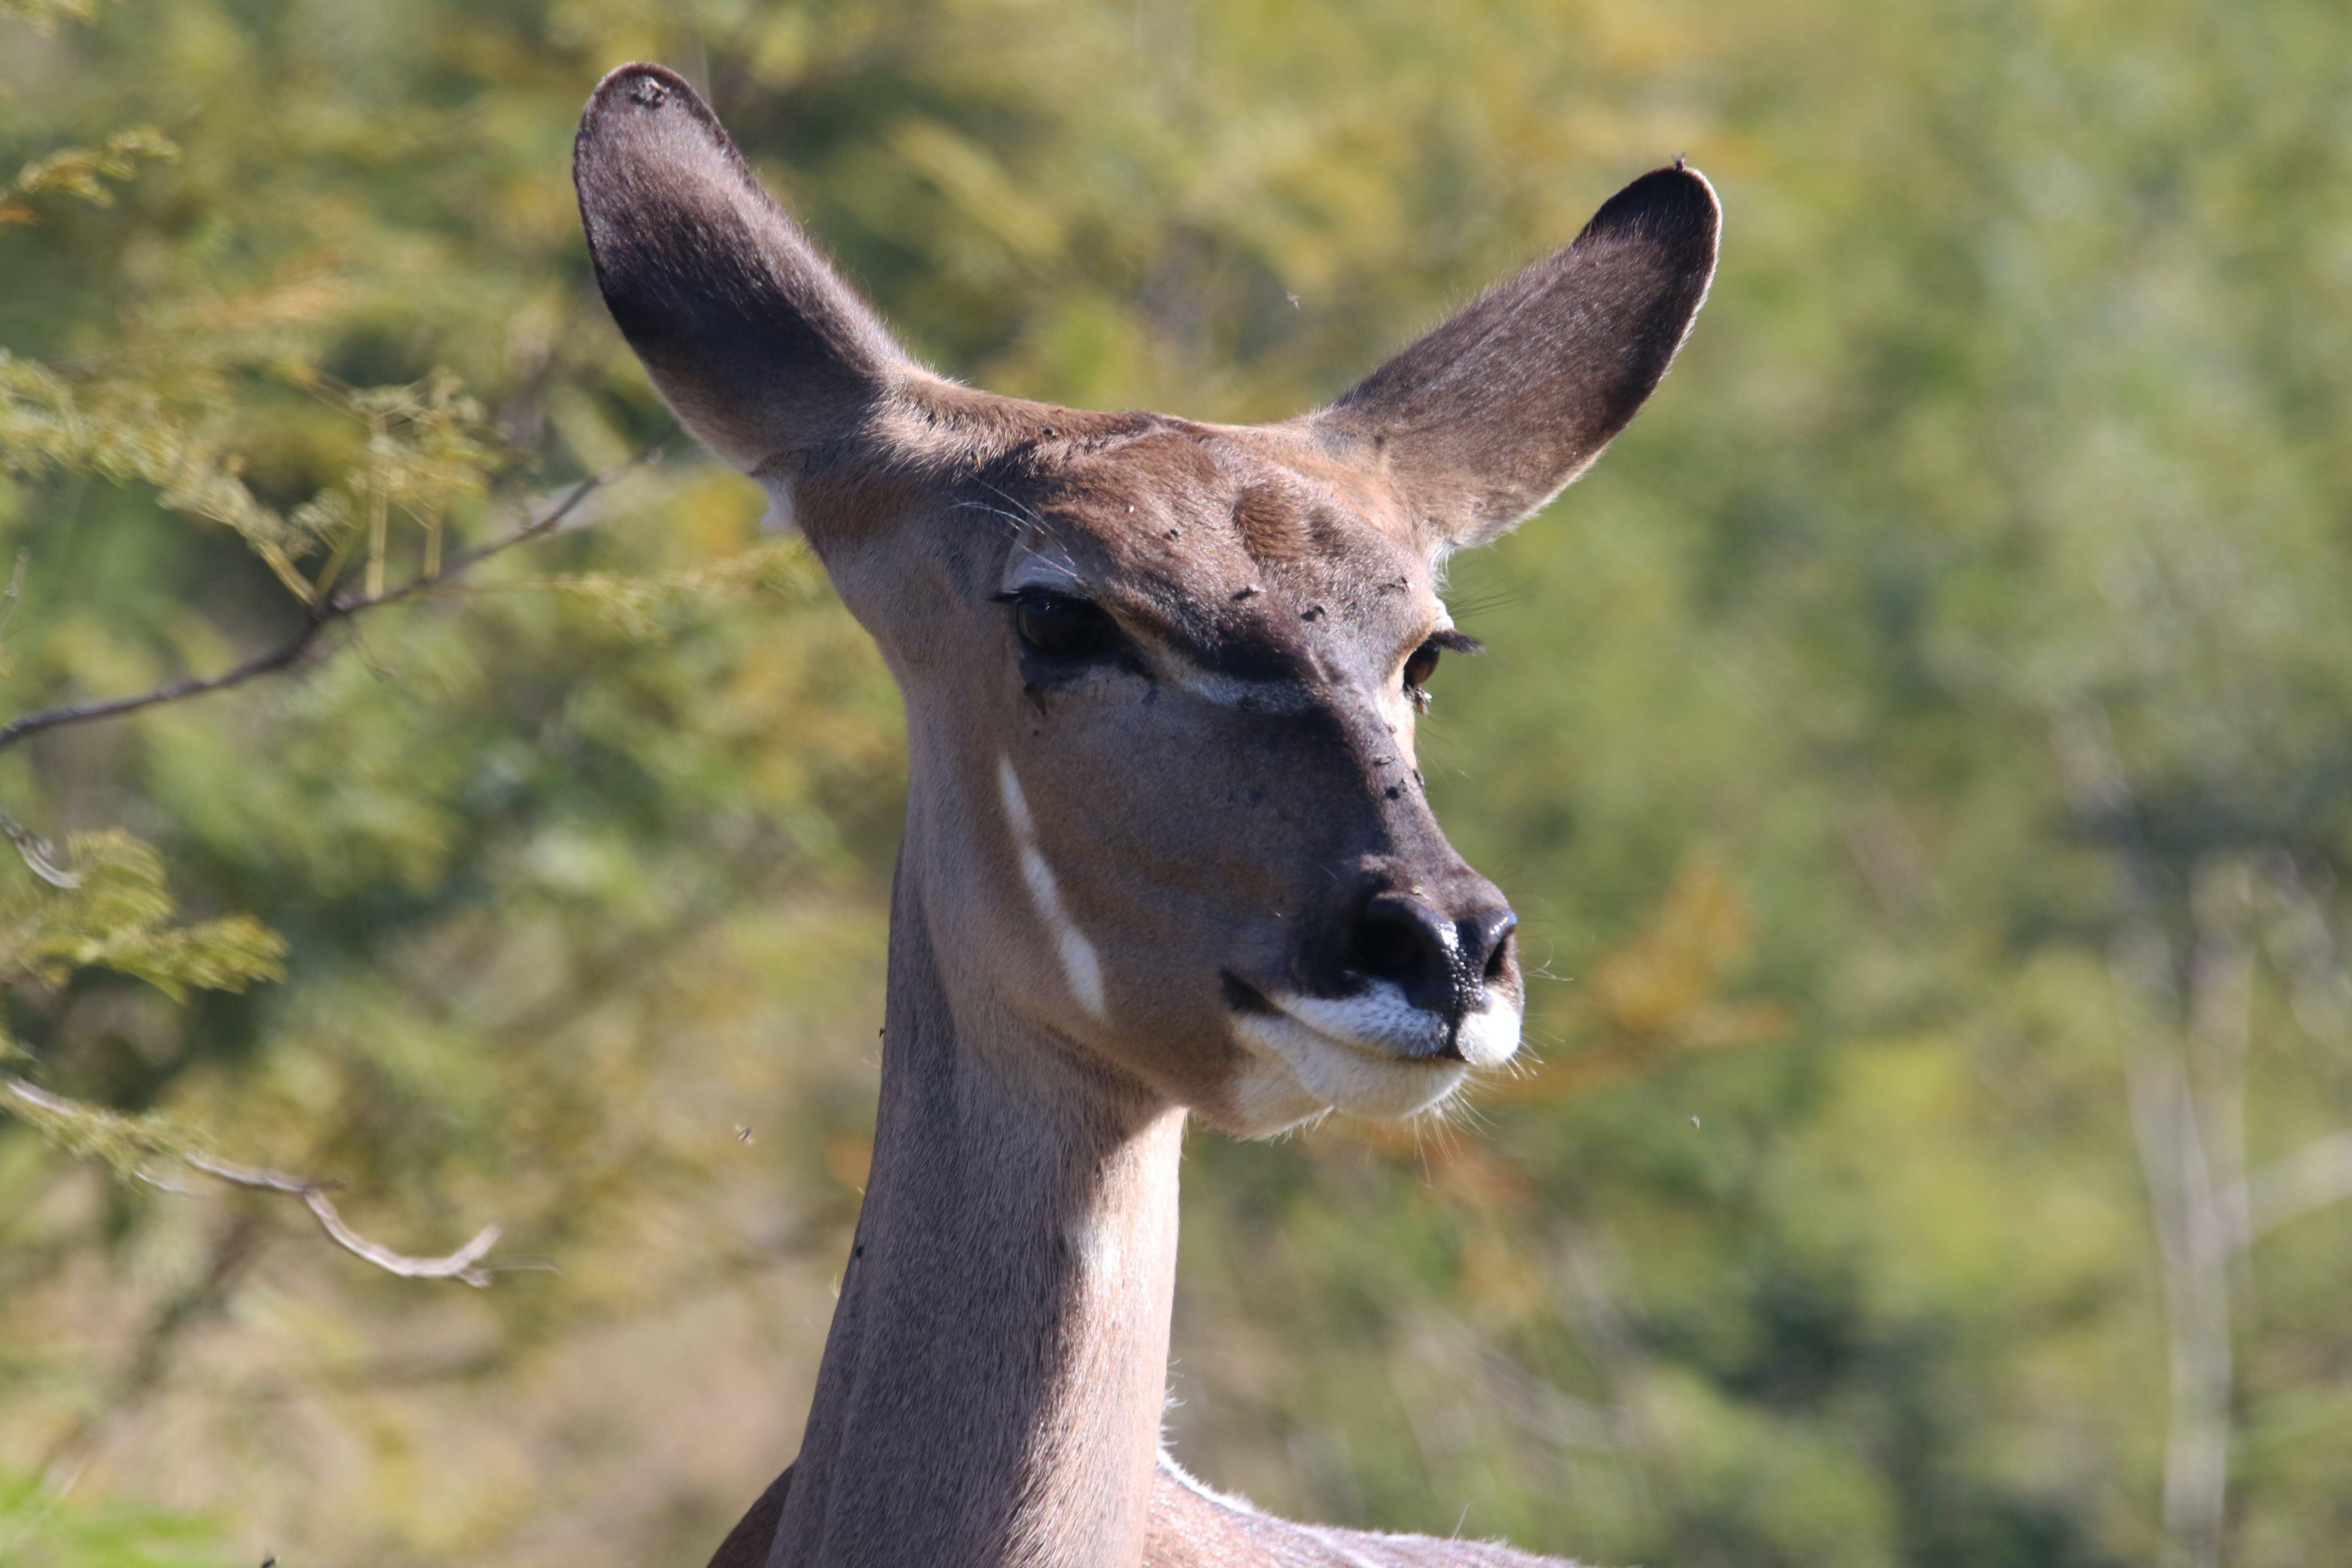 Closeup Photography of Brown Kangaroo